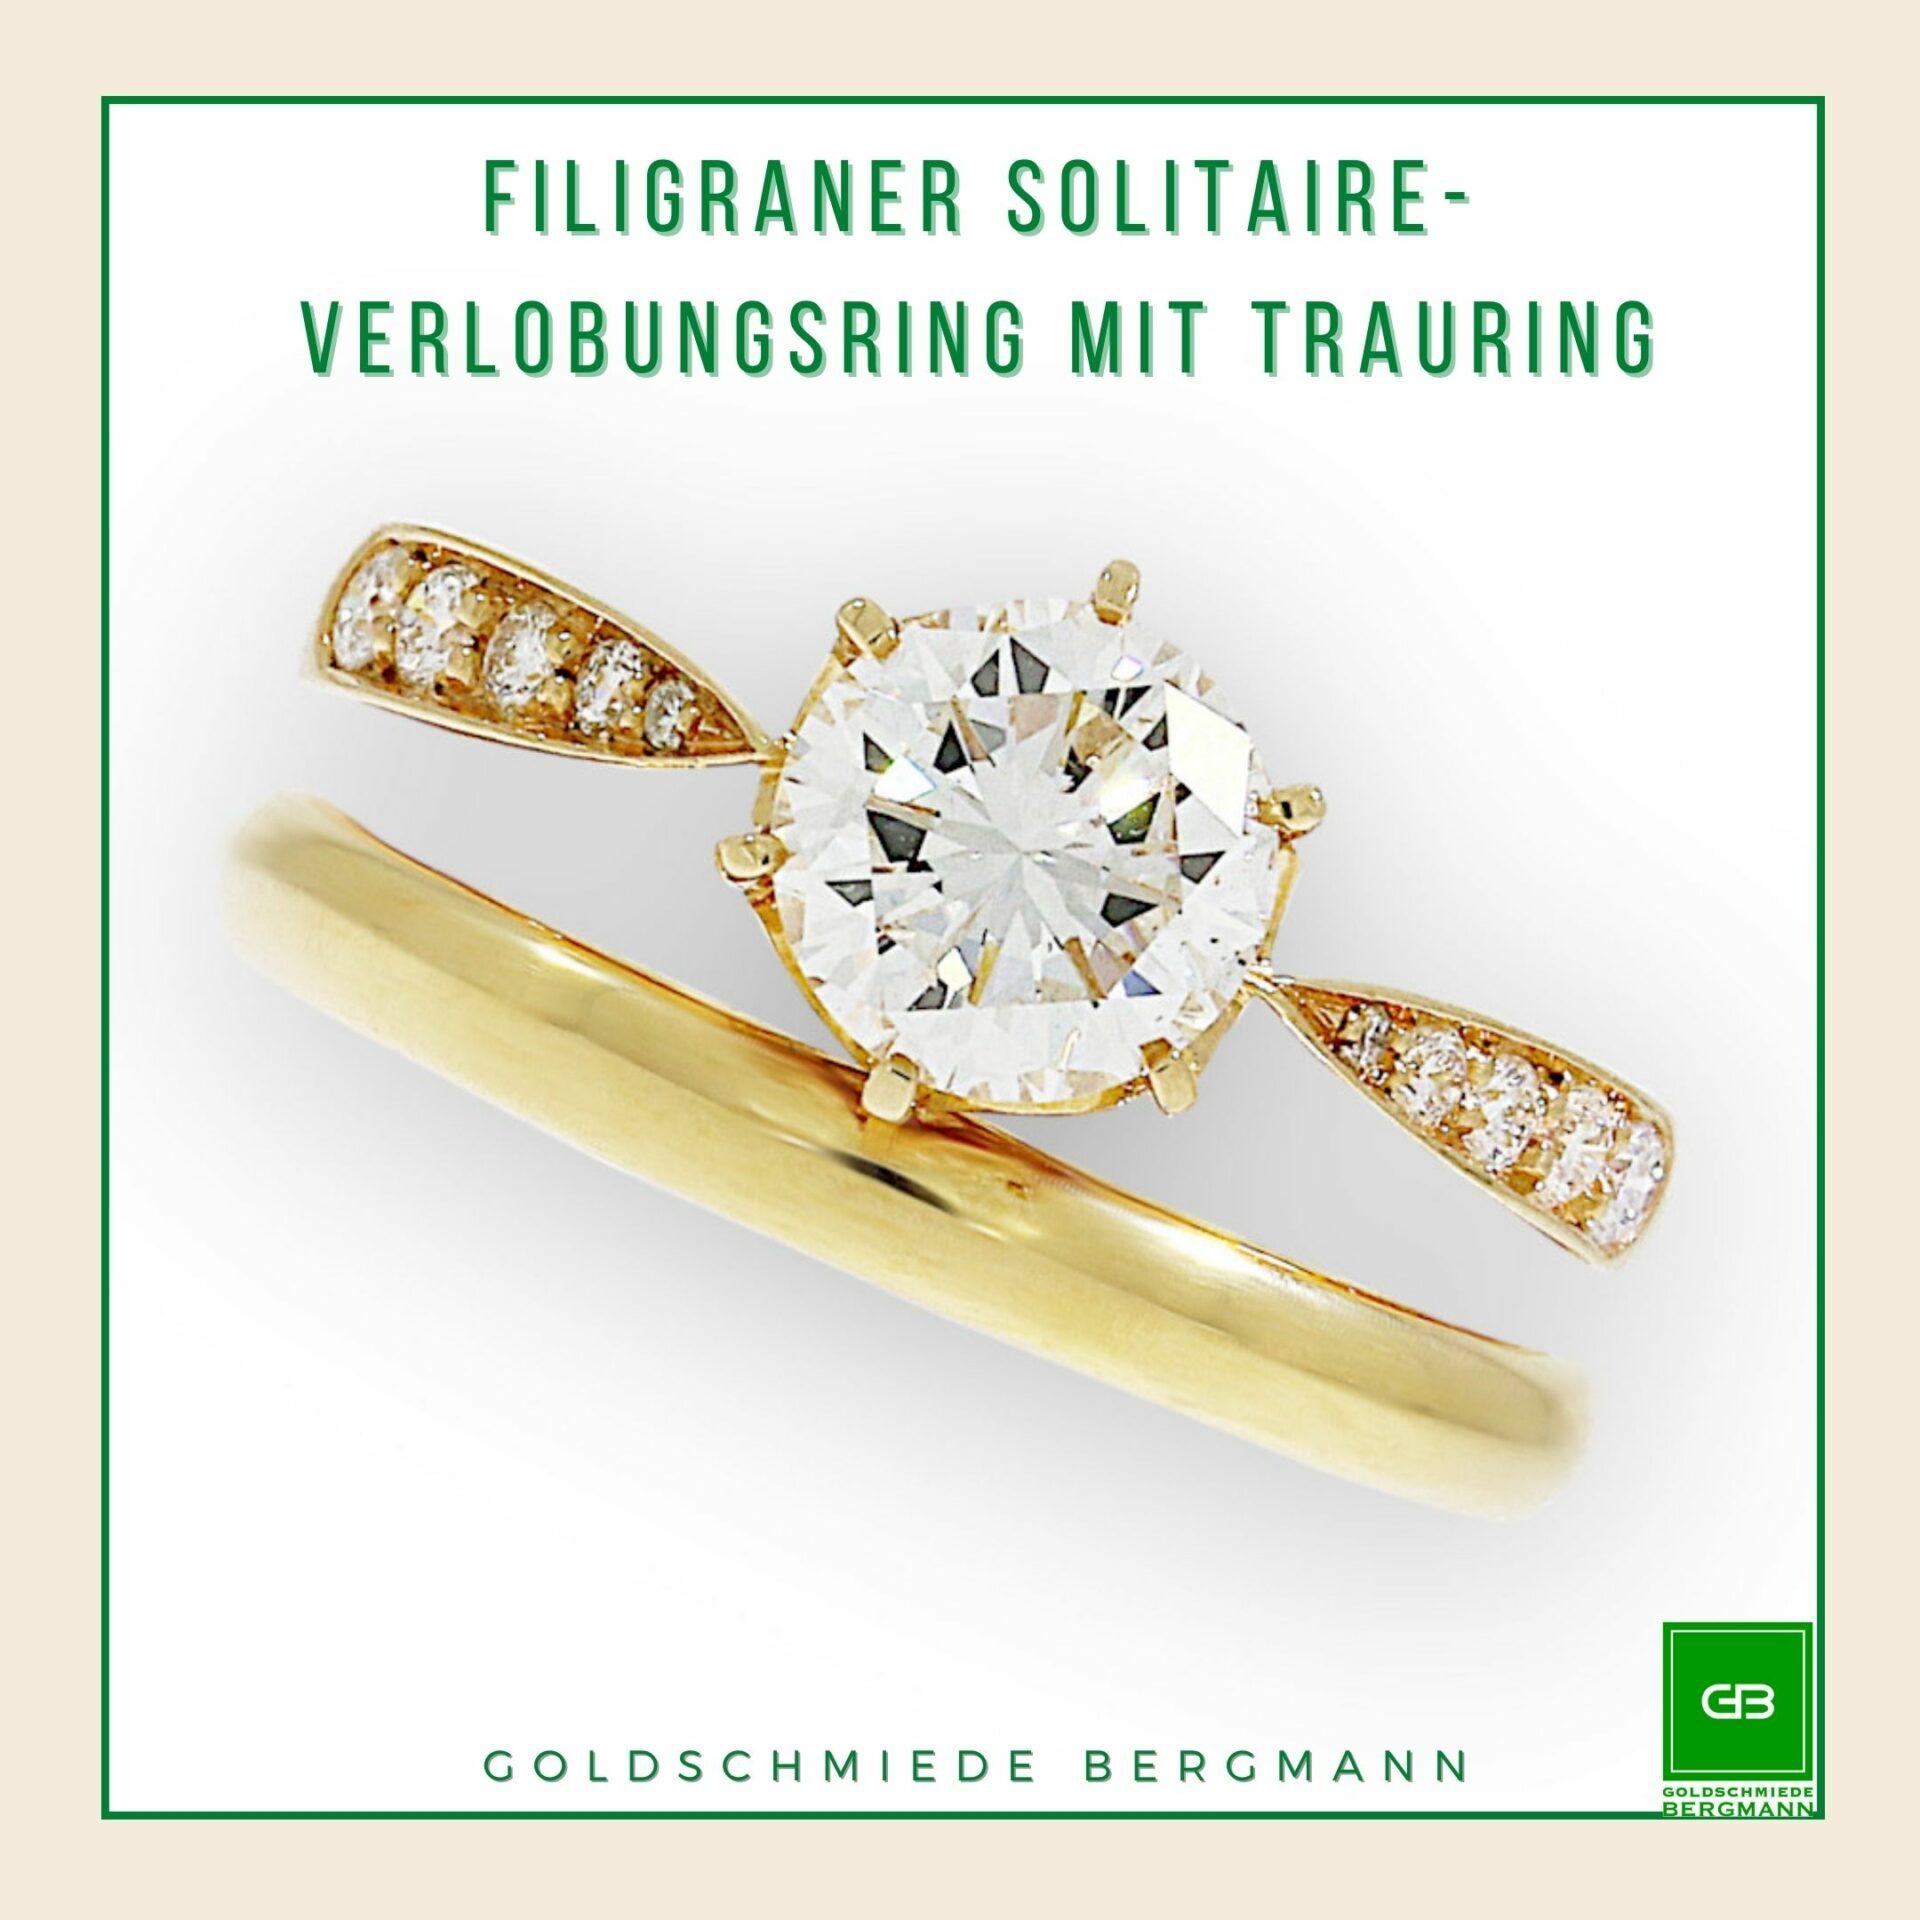 zarter Verlobungsring Solitaire in Rosegold mit einem graden Trauring in Rosegold